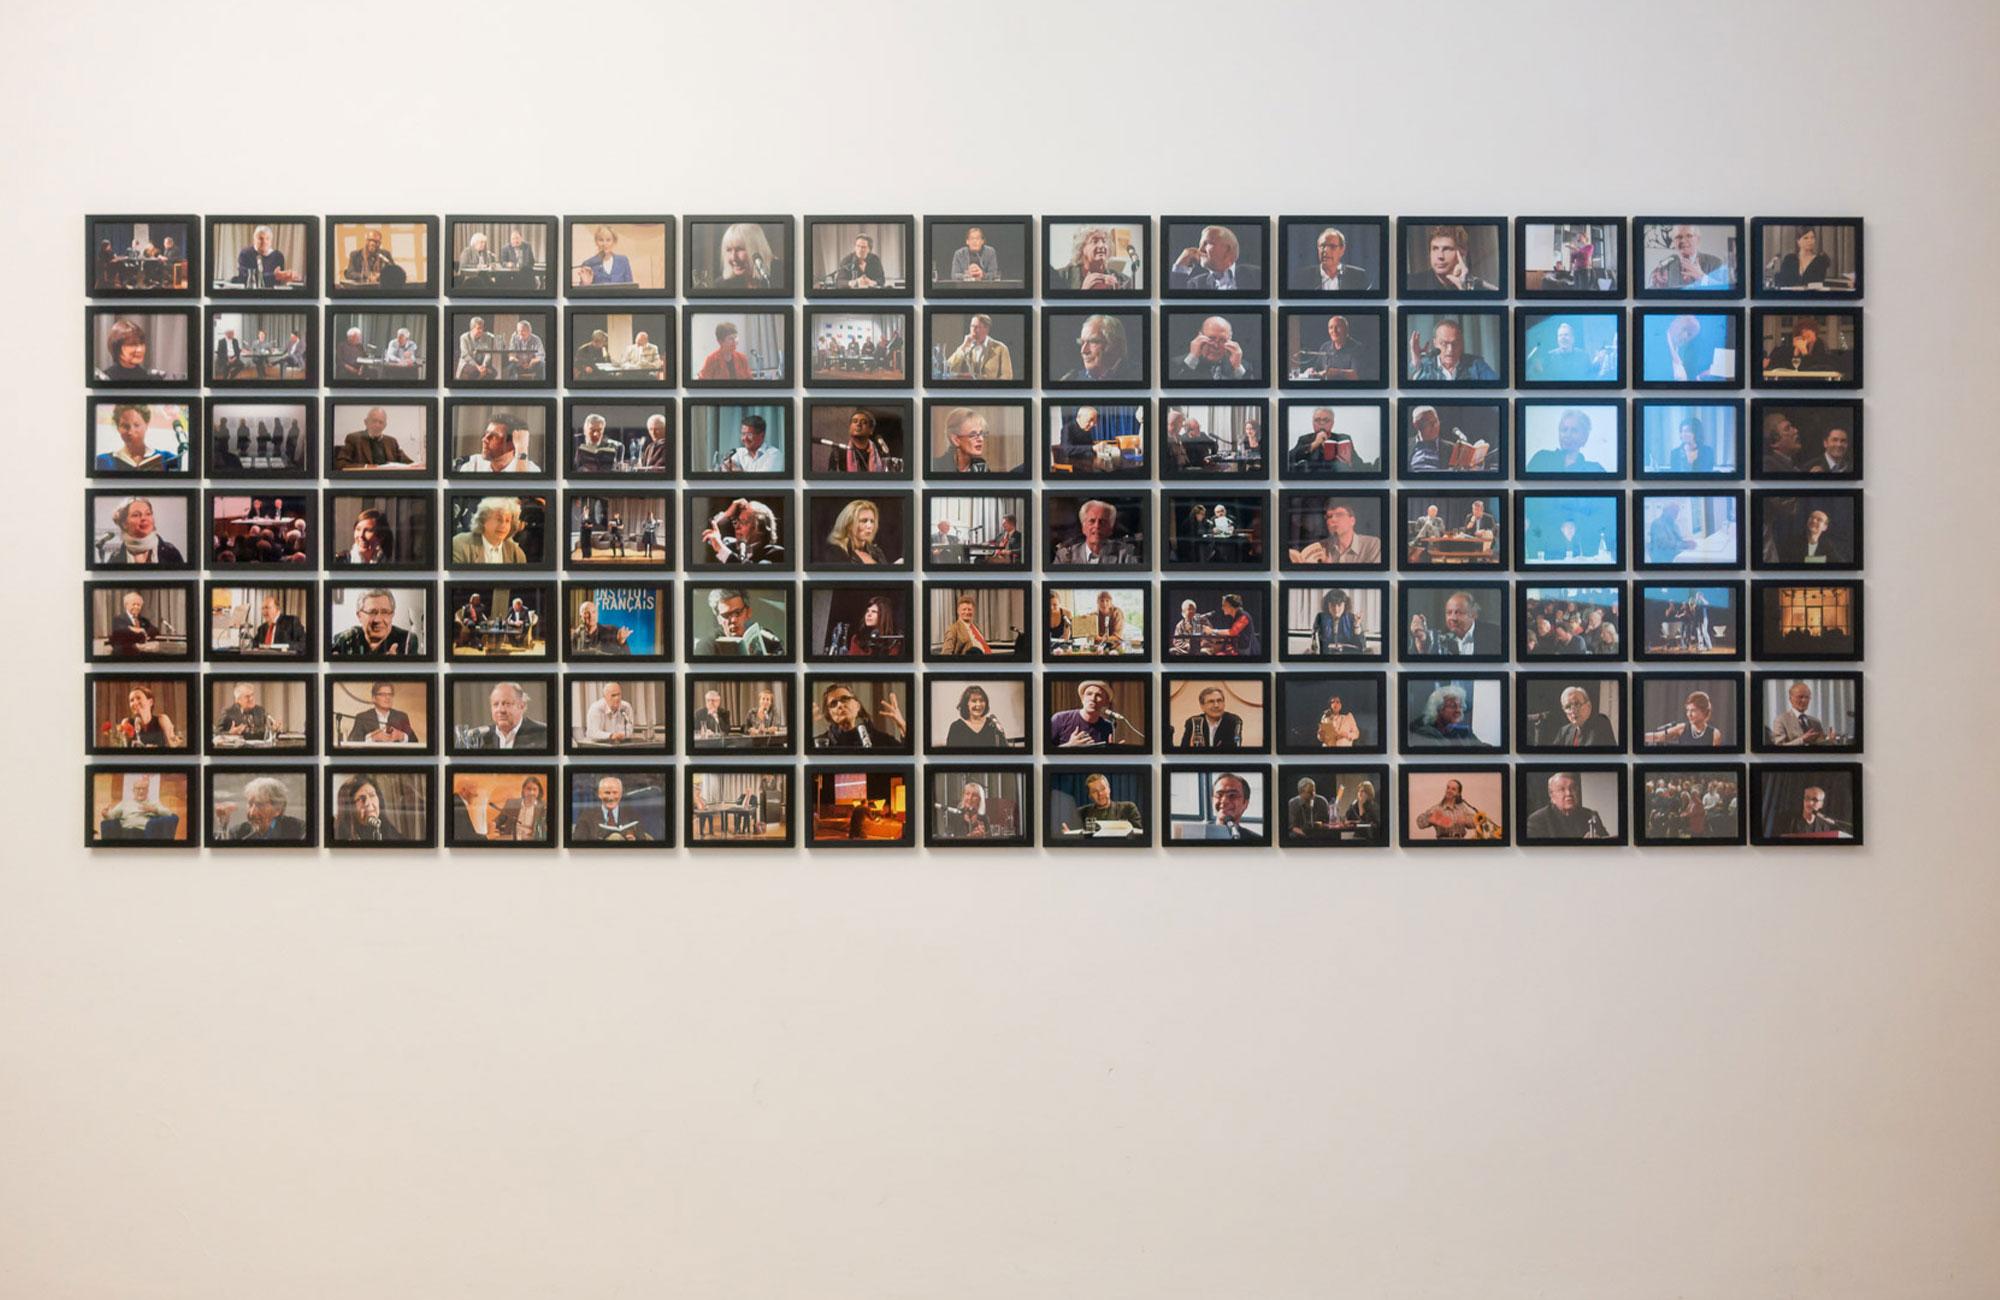 Heiner Wittmann: Fotoalbum,                                                                                                                                              Donnerstag, 17.11.16                      -                          Freitag, 21.04.17                                                                               <br/>(c) Sebastian Wenzel